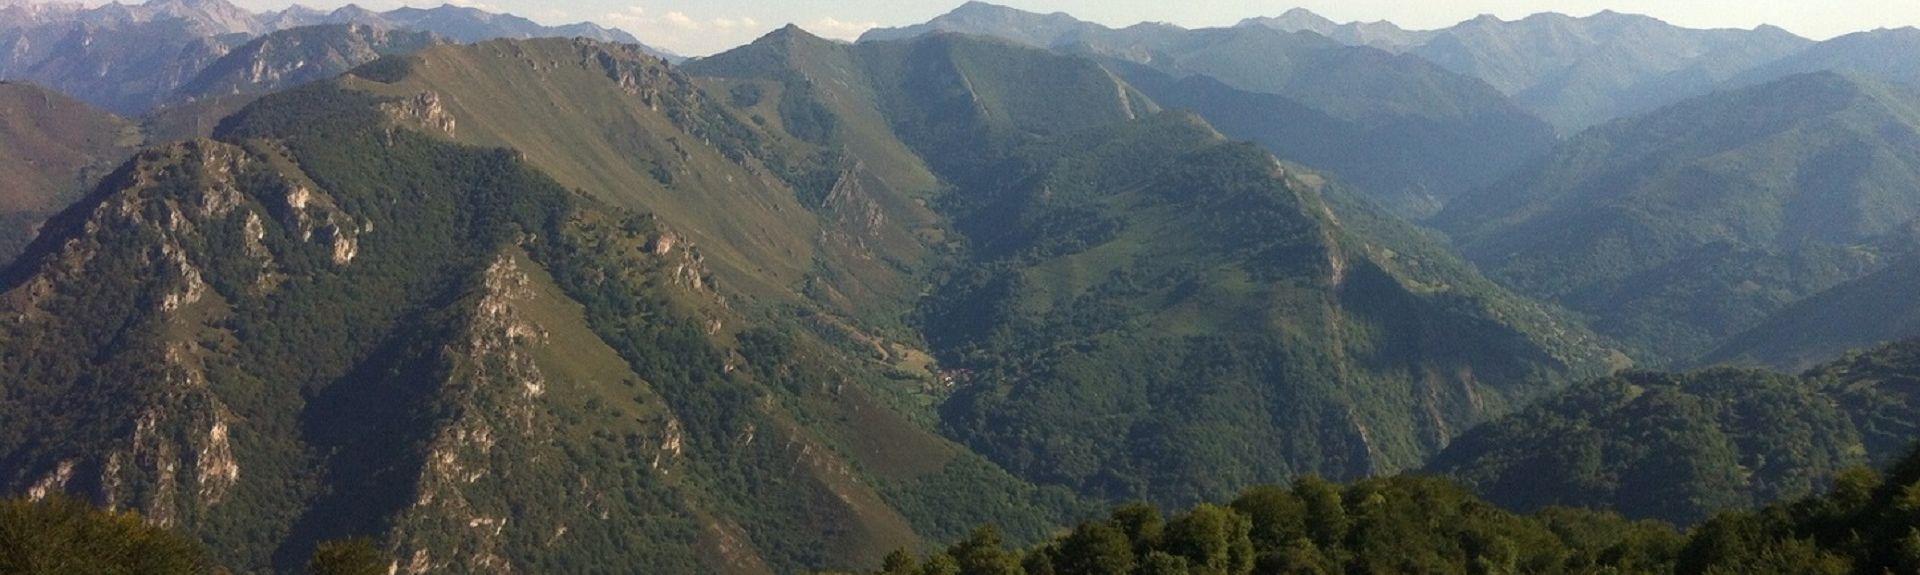 Oviedo (OVD-Asturien), Castrillón, Asturien, Spanien